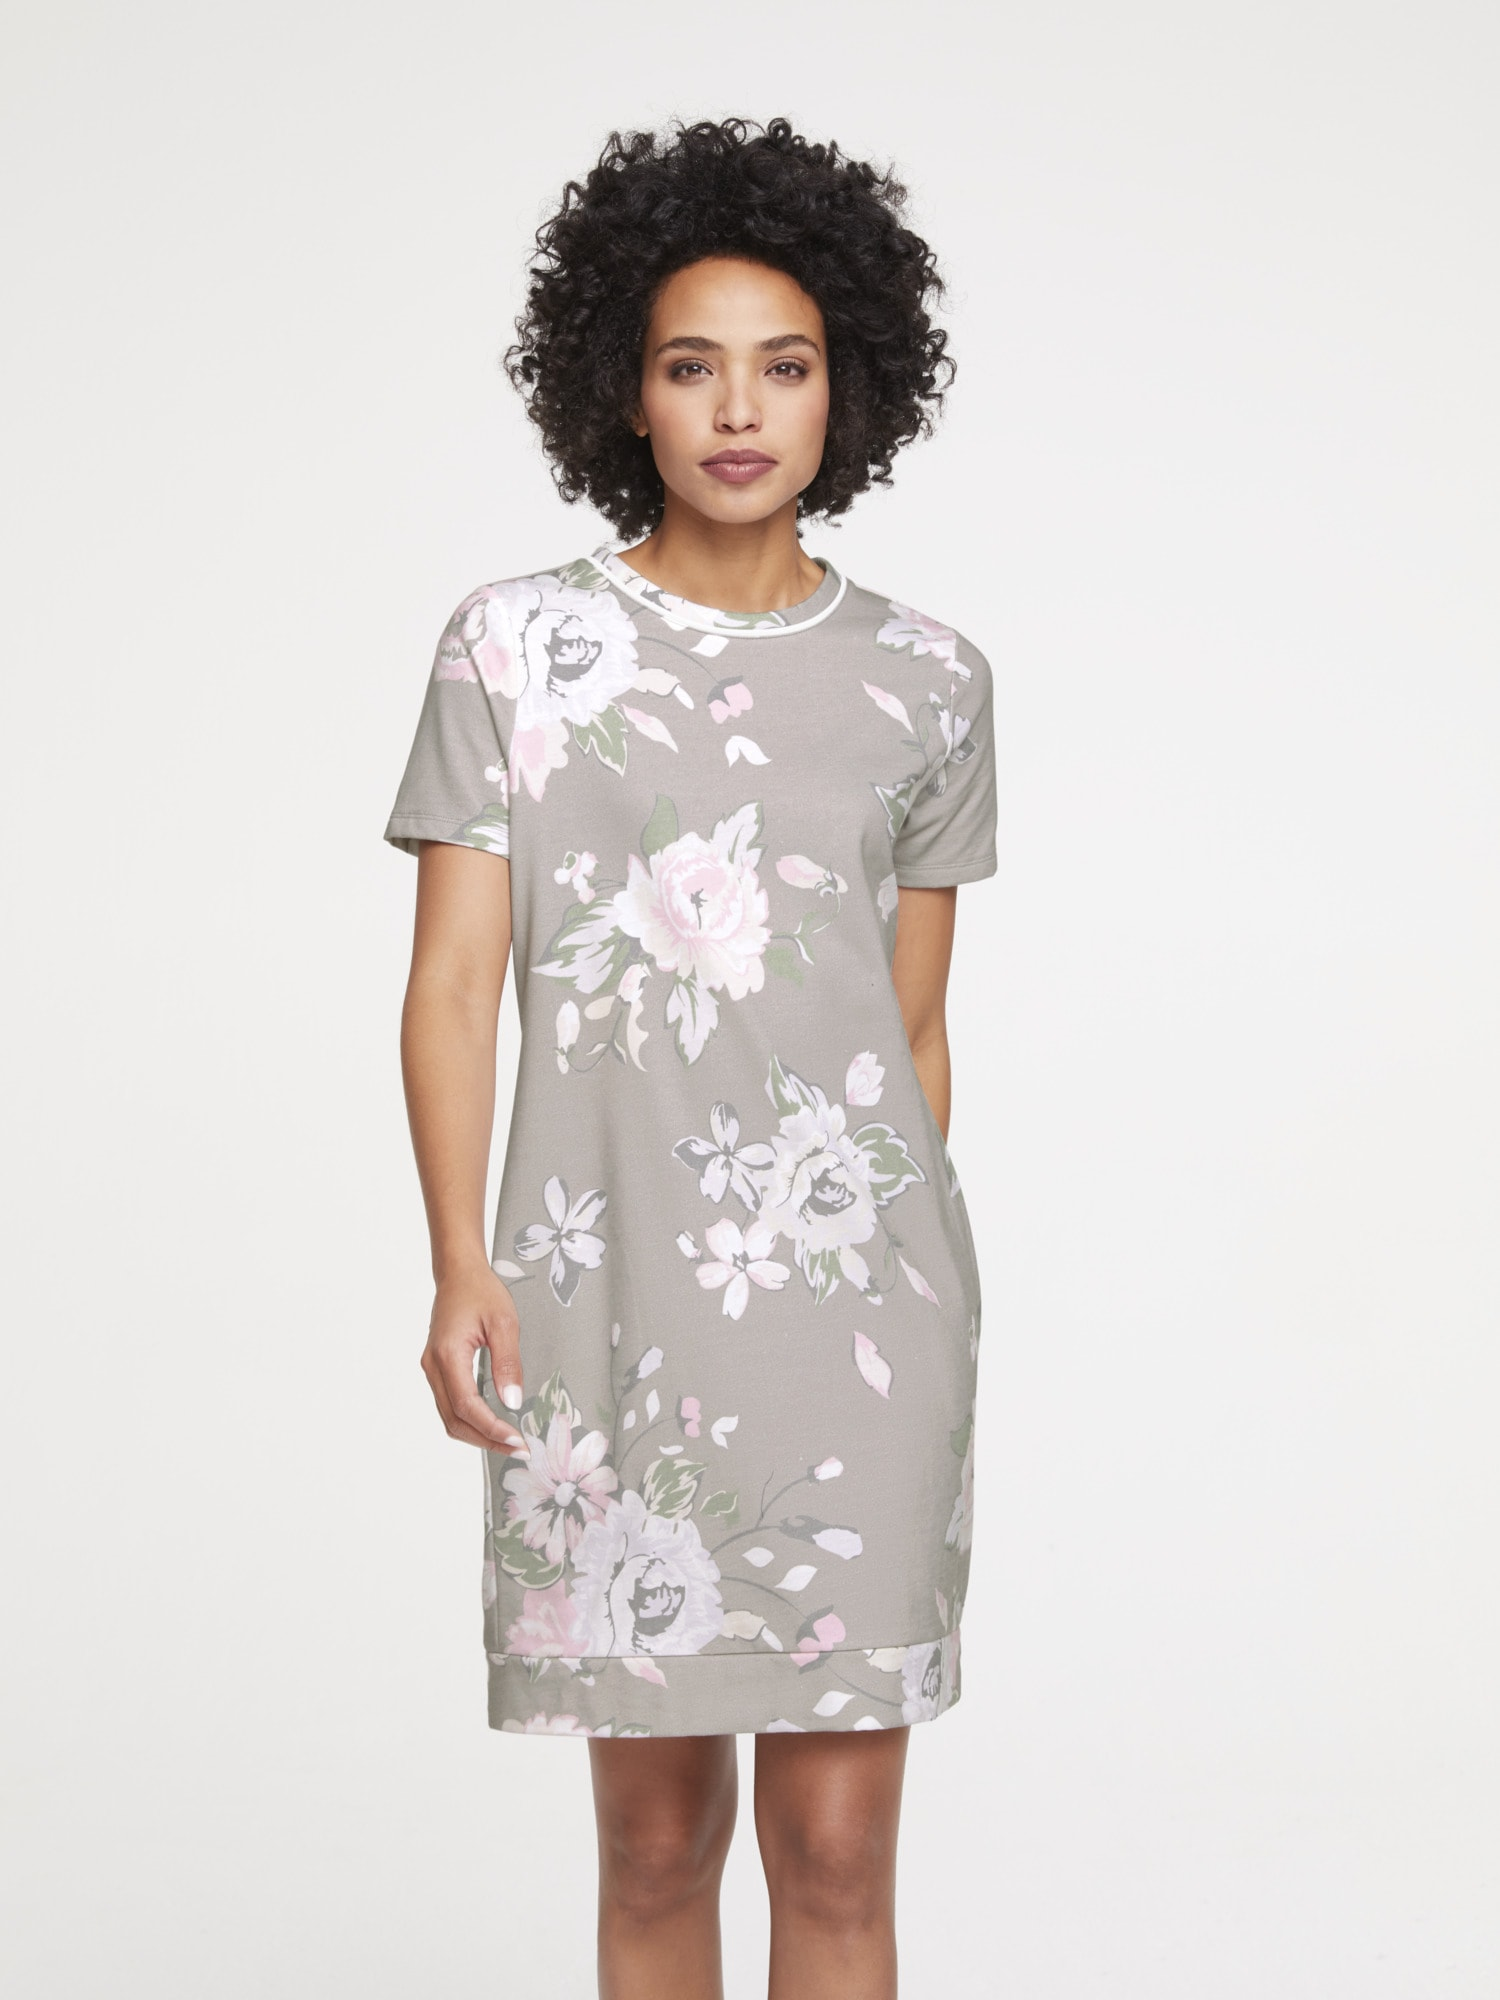 Druckkleid mit Blumenprint | Bekleidung > Kleider > Druckkleider | Linea Tesini By Heine